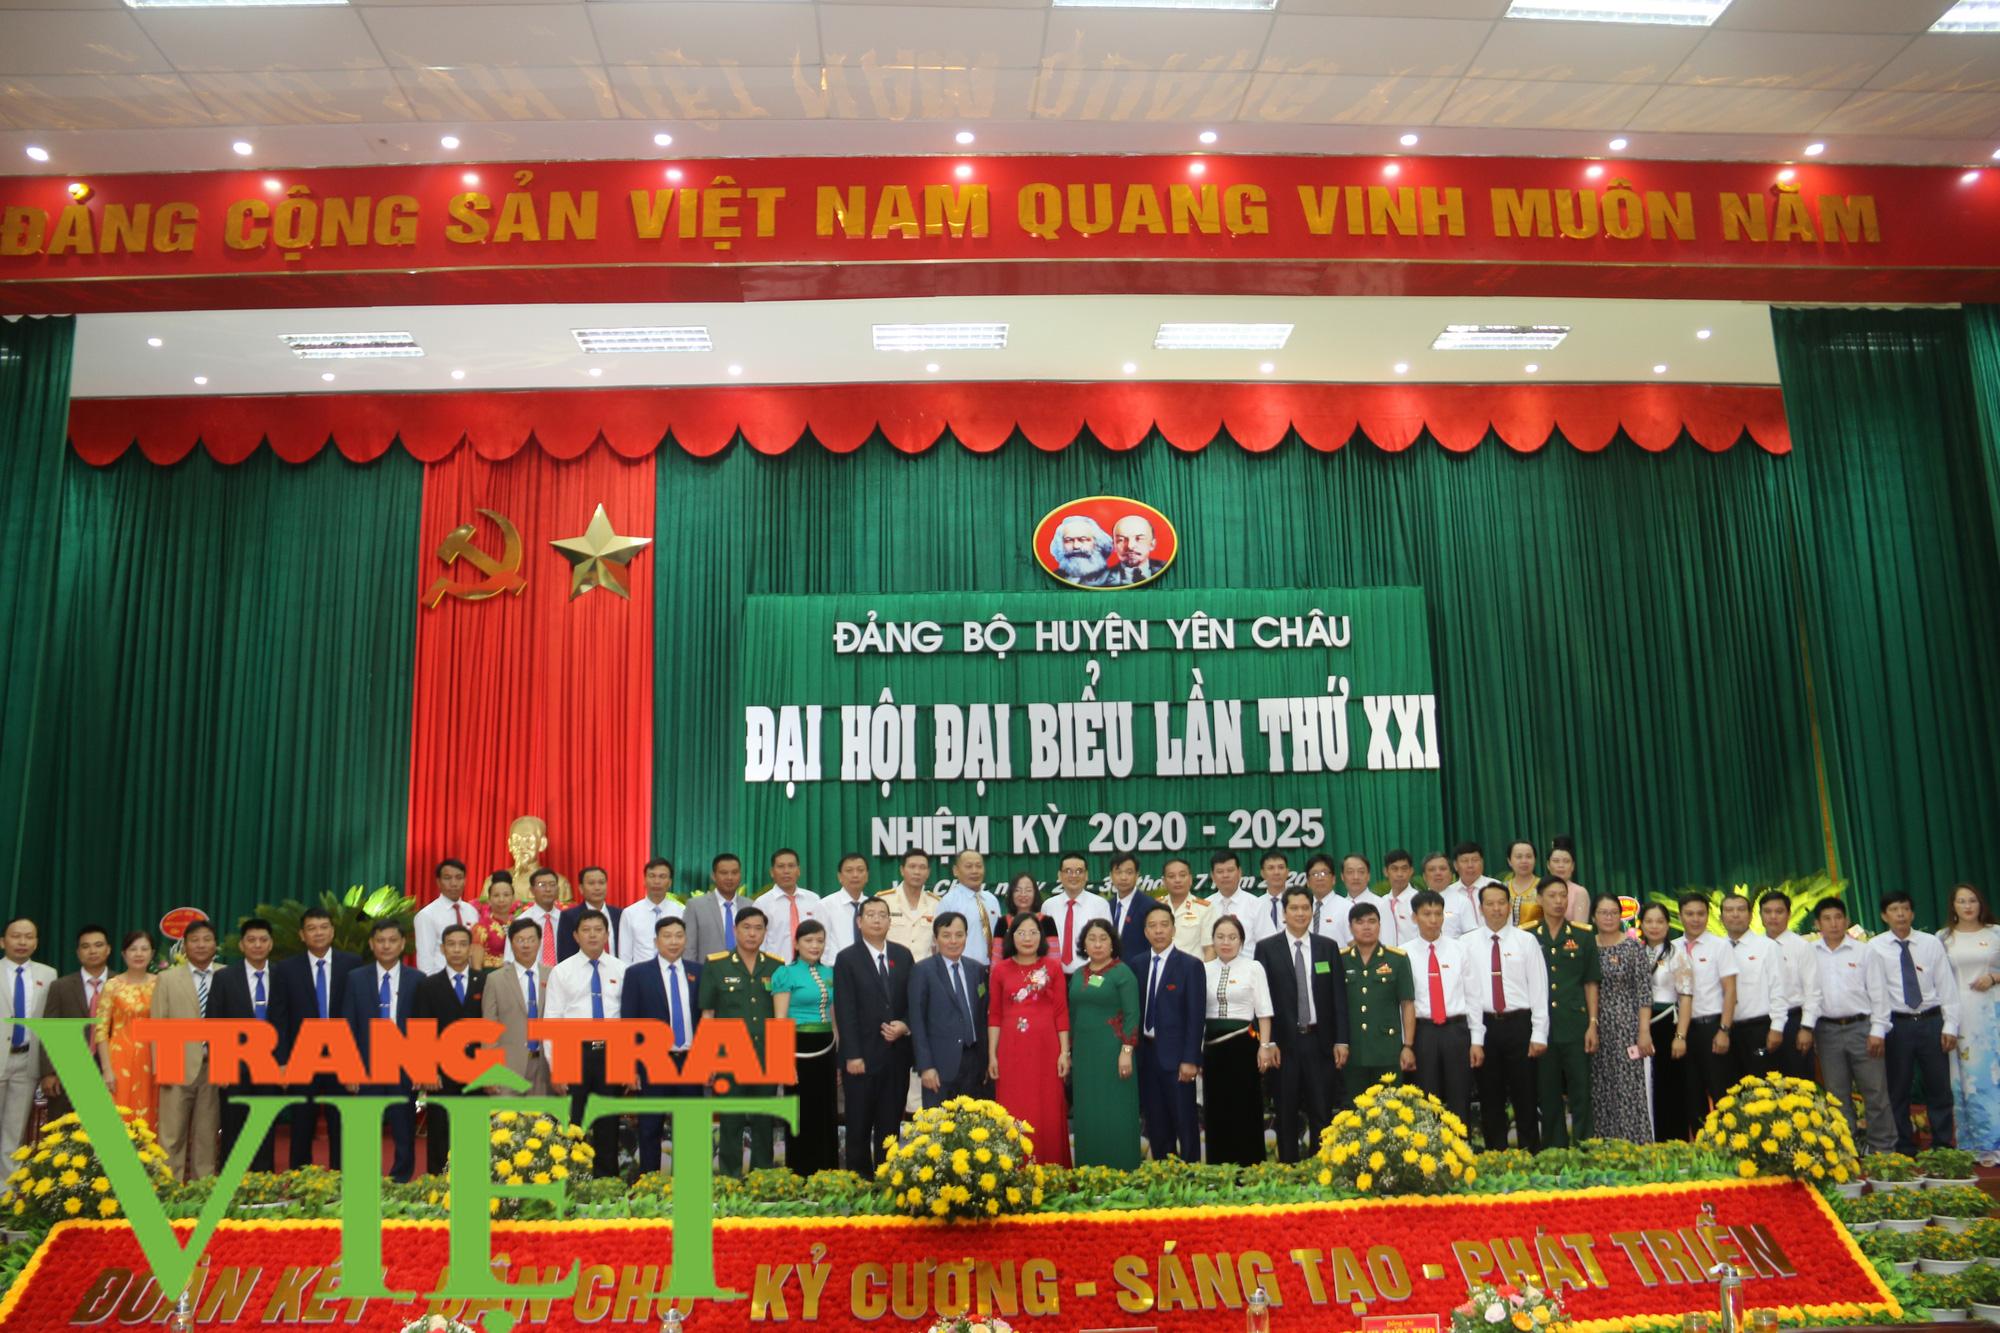 Đảng bộ huyện Yên Châu: Nhiều chỉ tiêu đạt và vượt kế hoạch - Ảnh 3.